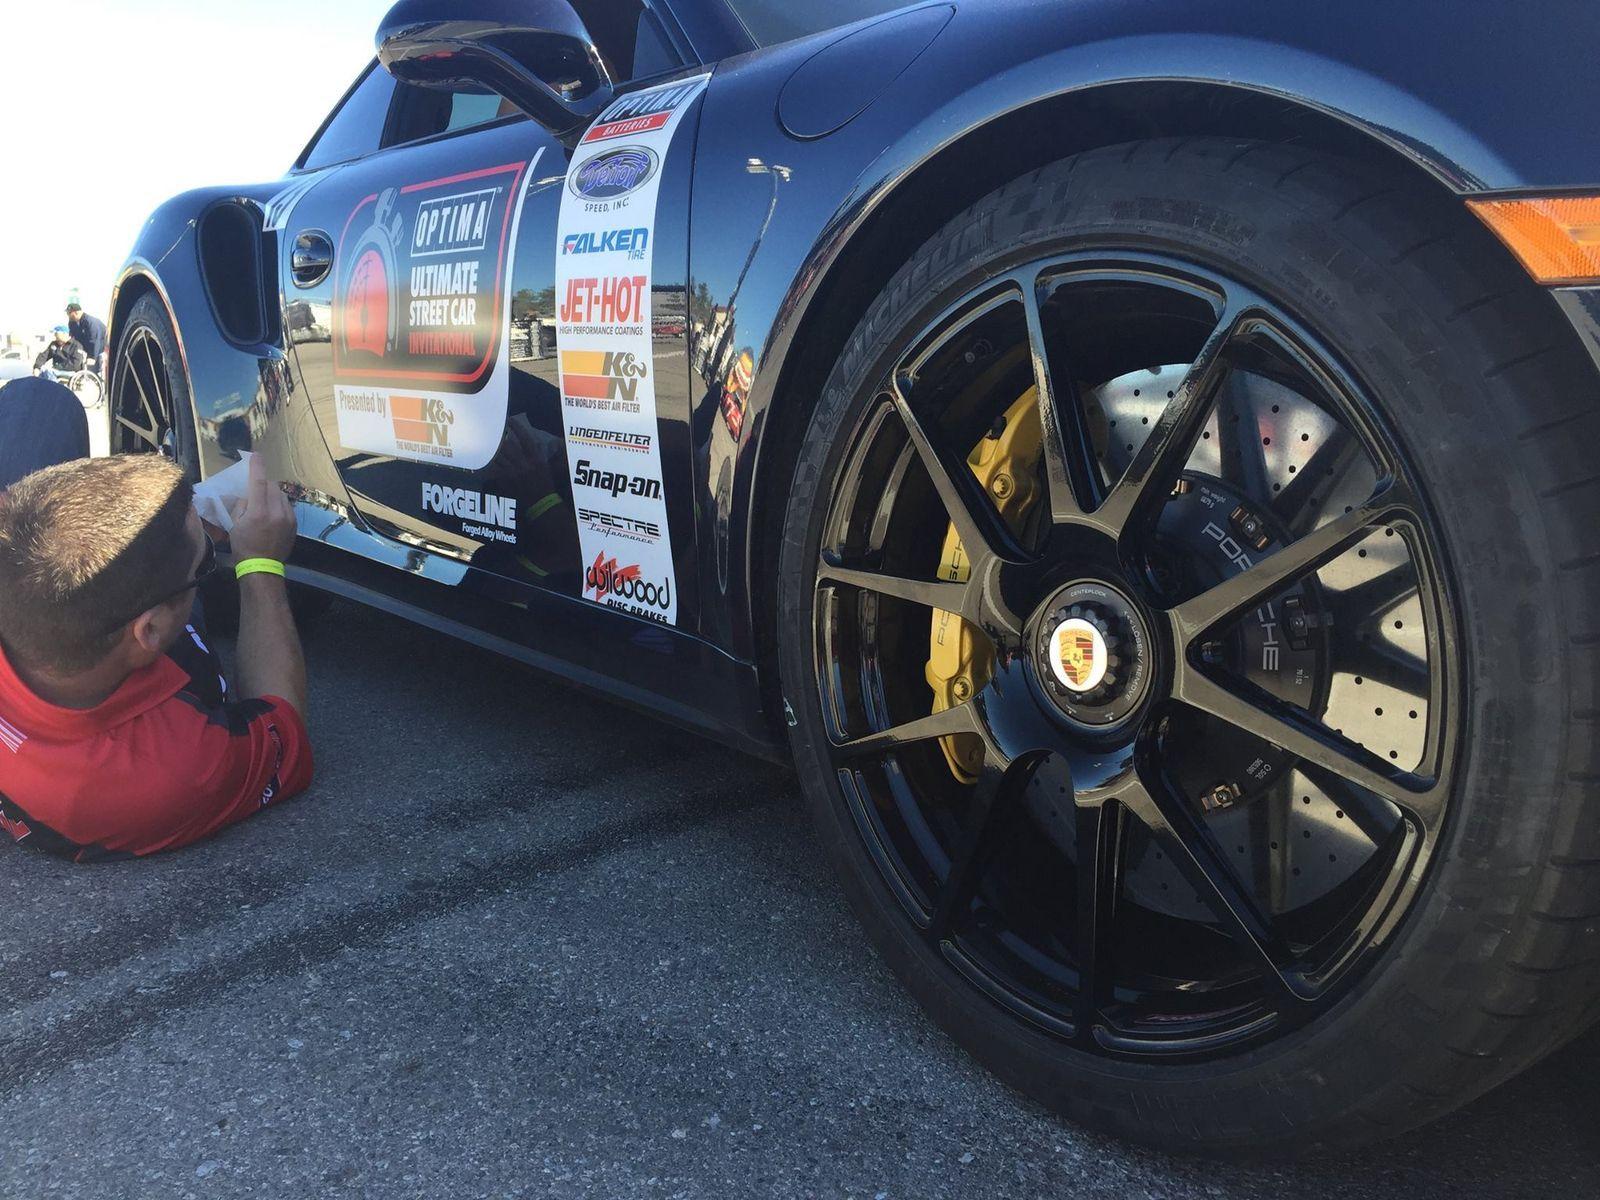 Porsche 911 | Porsche 911 Turbo S on Forgeline GA1R Wheels